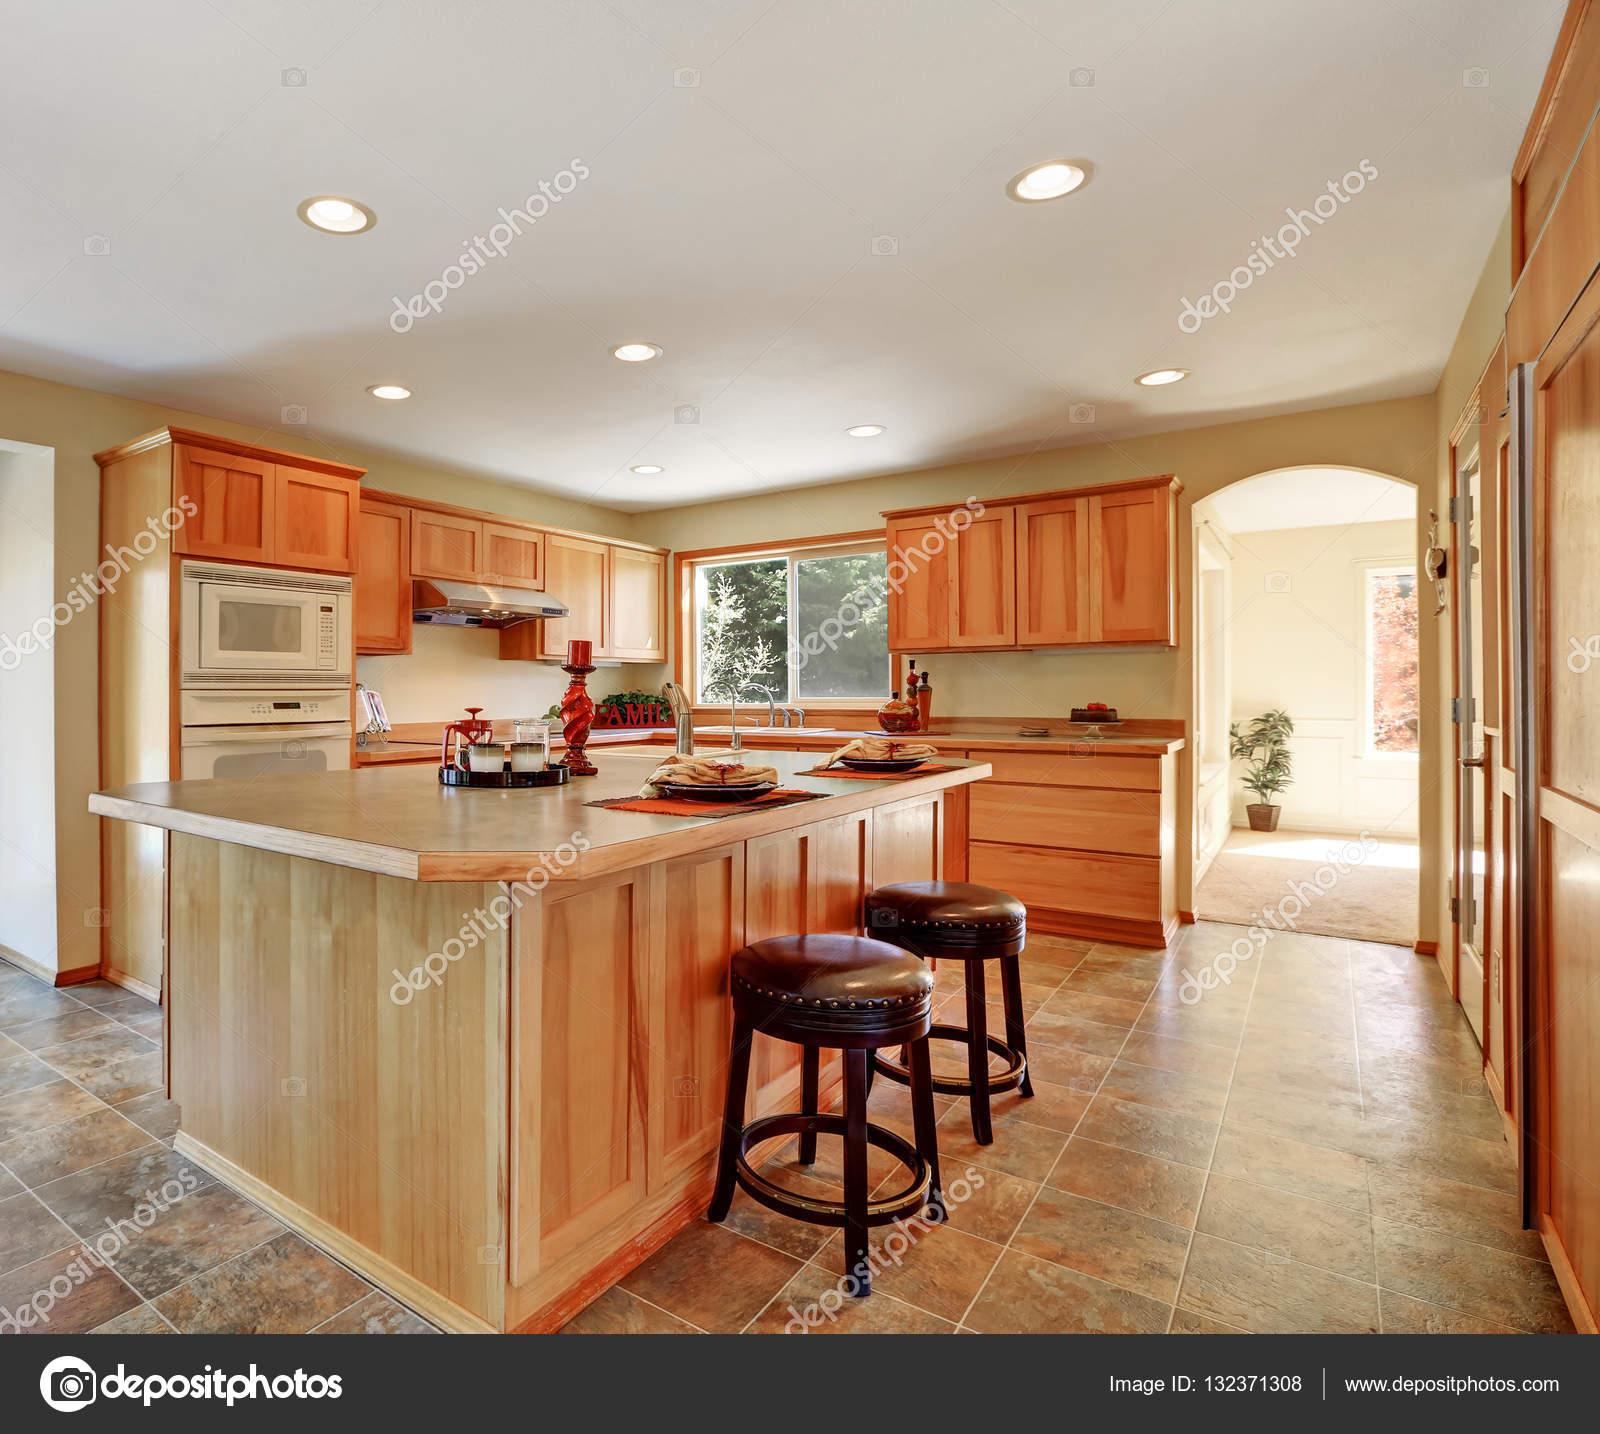 Küche Interieur mit Honig Schränke und Einbaugeräte — Stockfoto ...